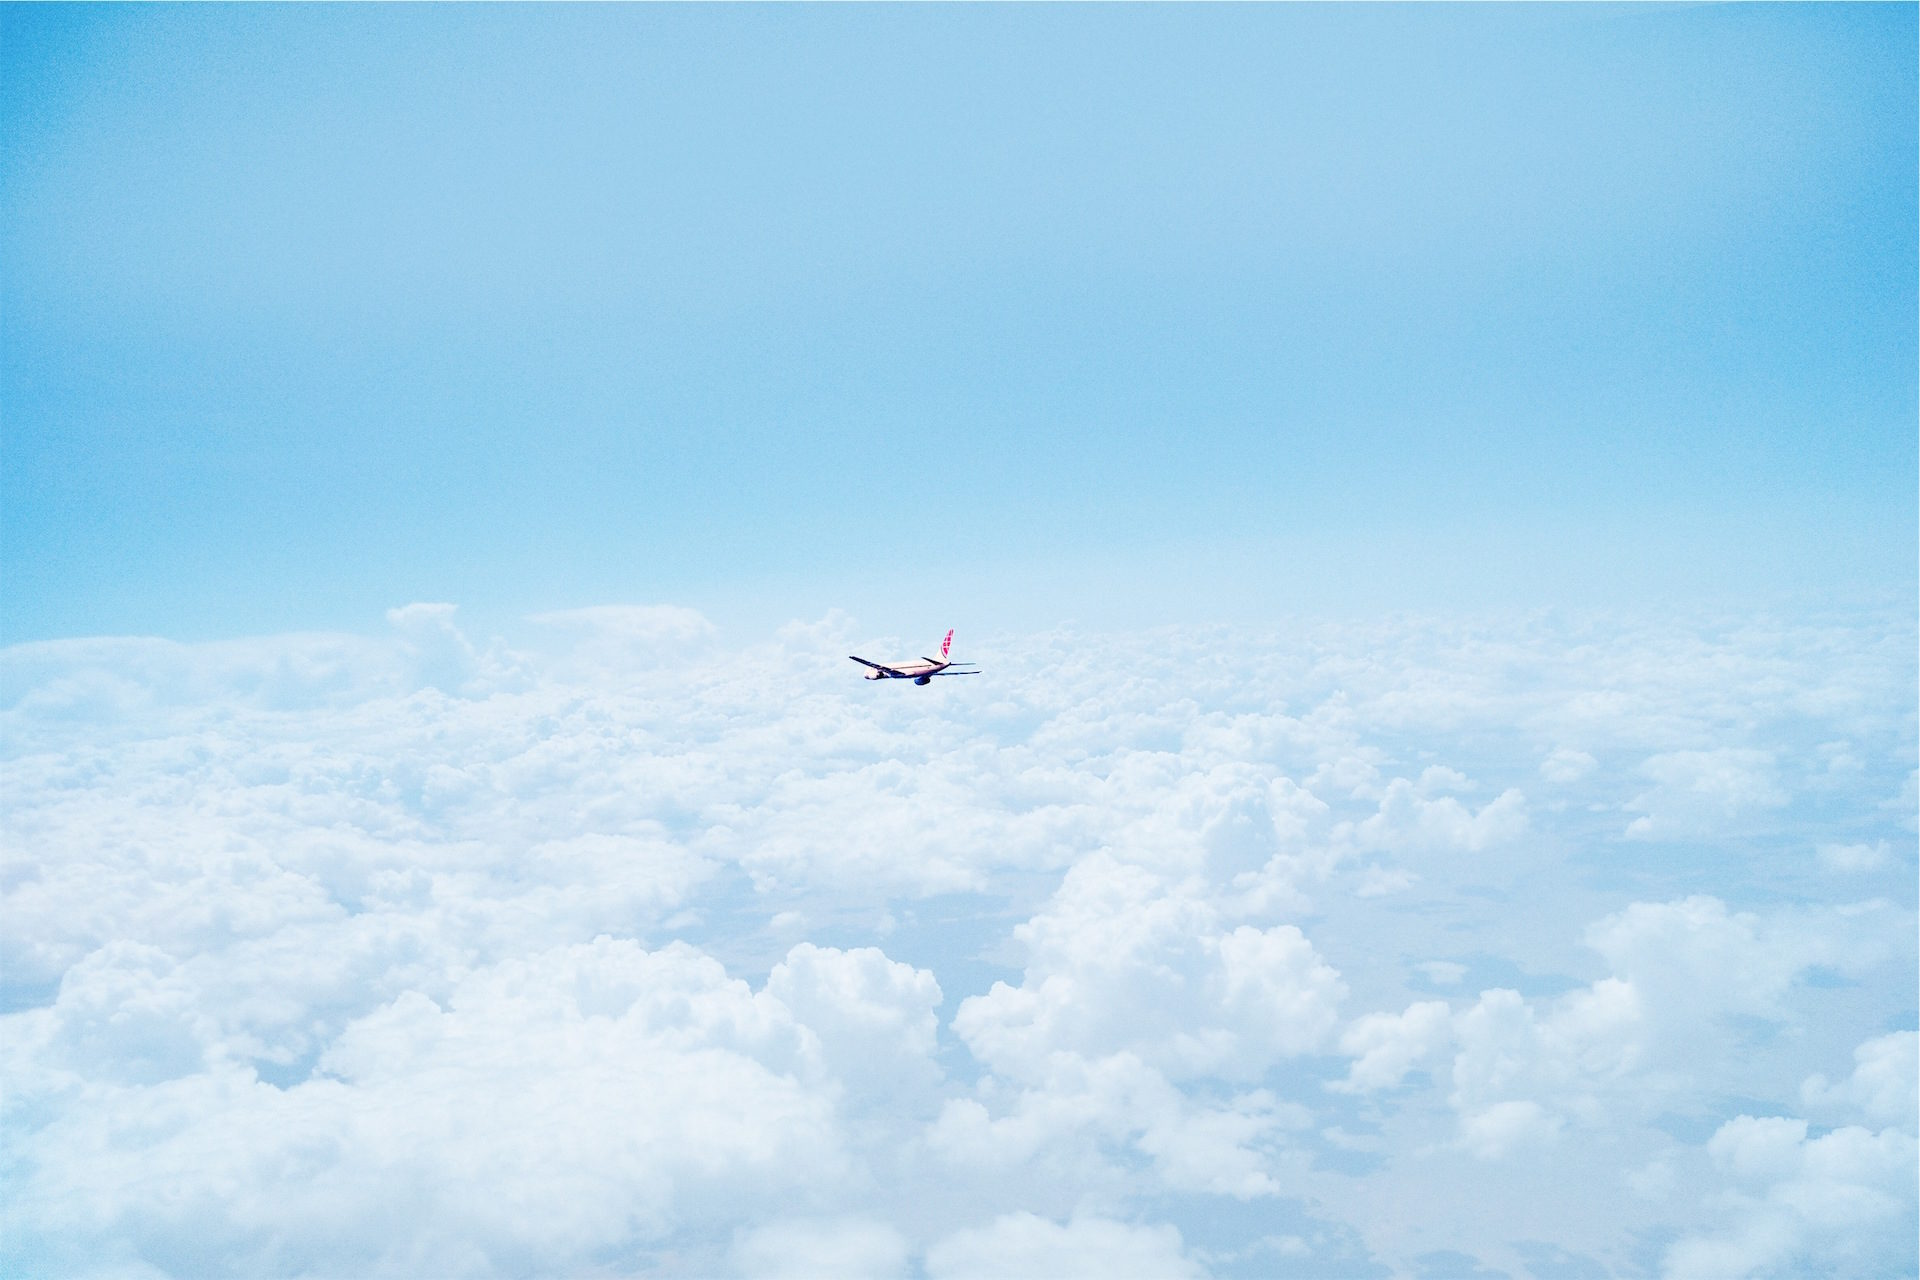 αεροσκάφη, αέρα, σύννεφα, Ουρανός, Μπλε - Wallpapers HD - Professor-falken.com